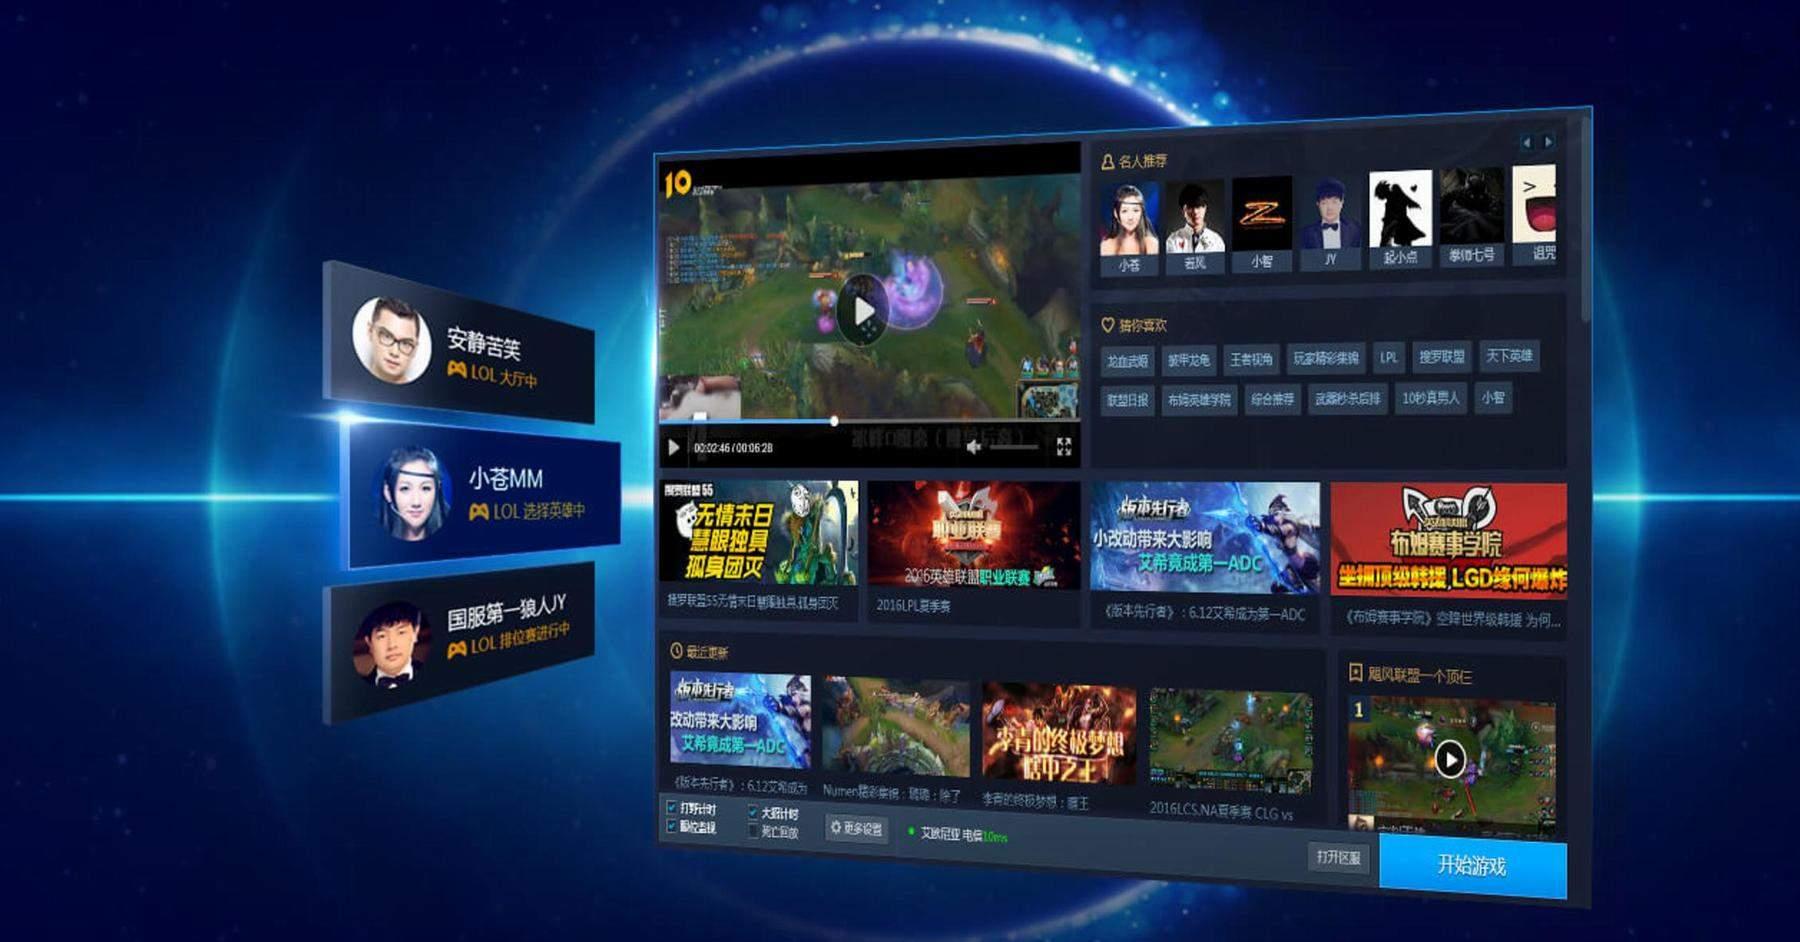 Игровая платформа Tencent составит приблизительно серьезную конкуренцию Steam